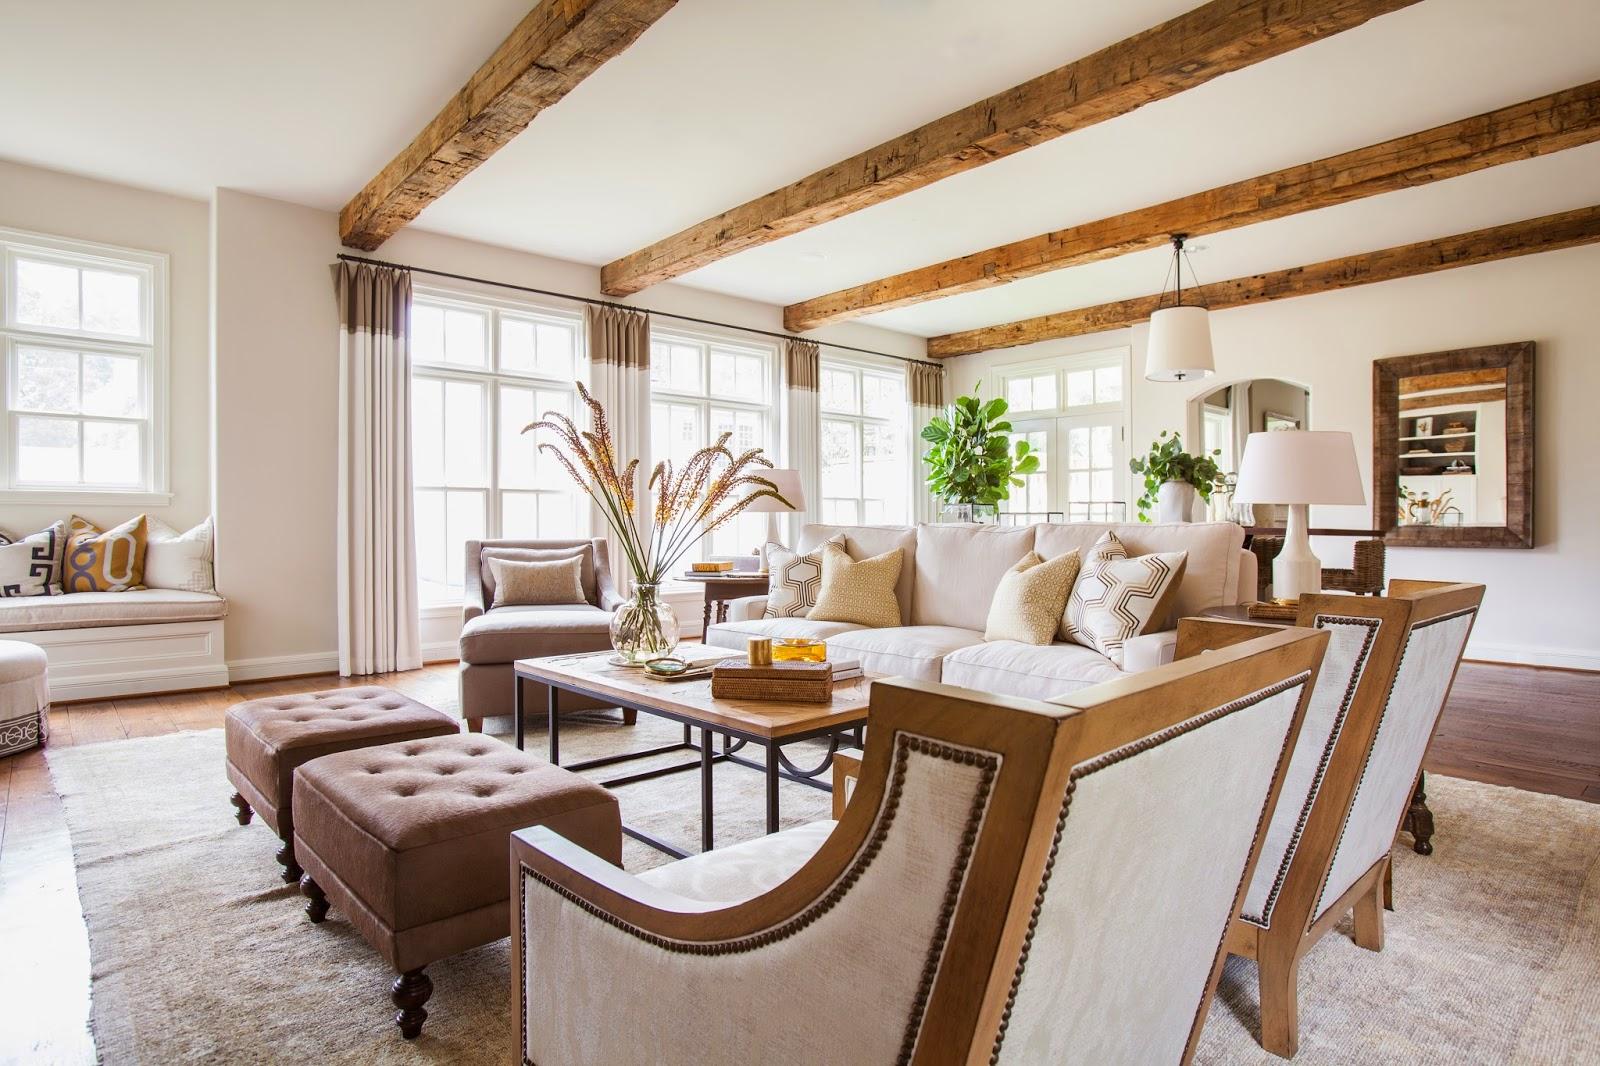 Marie flanigan interiors - Scale in interior design ...